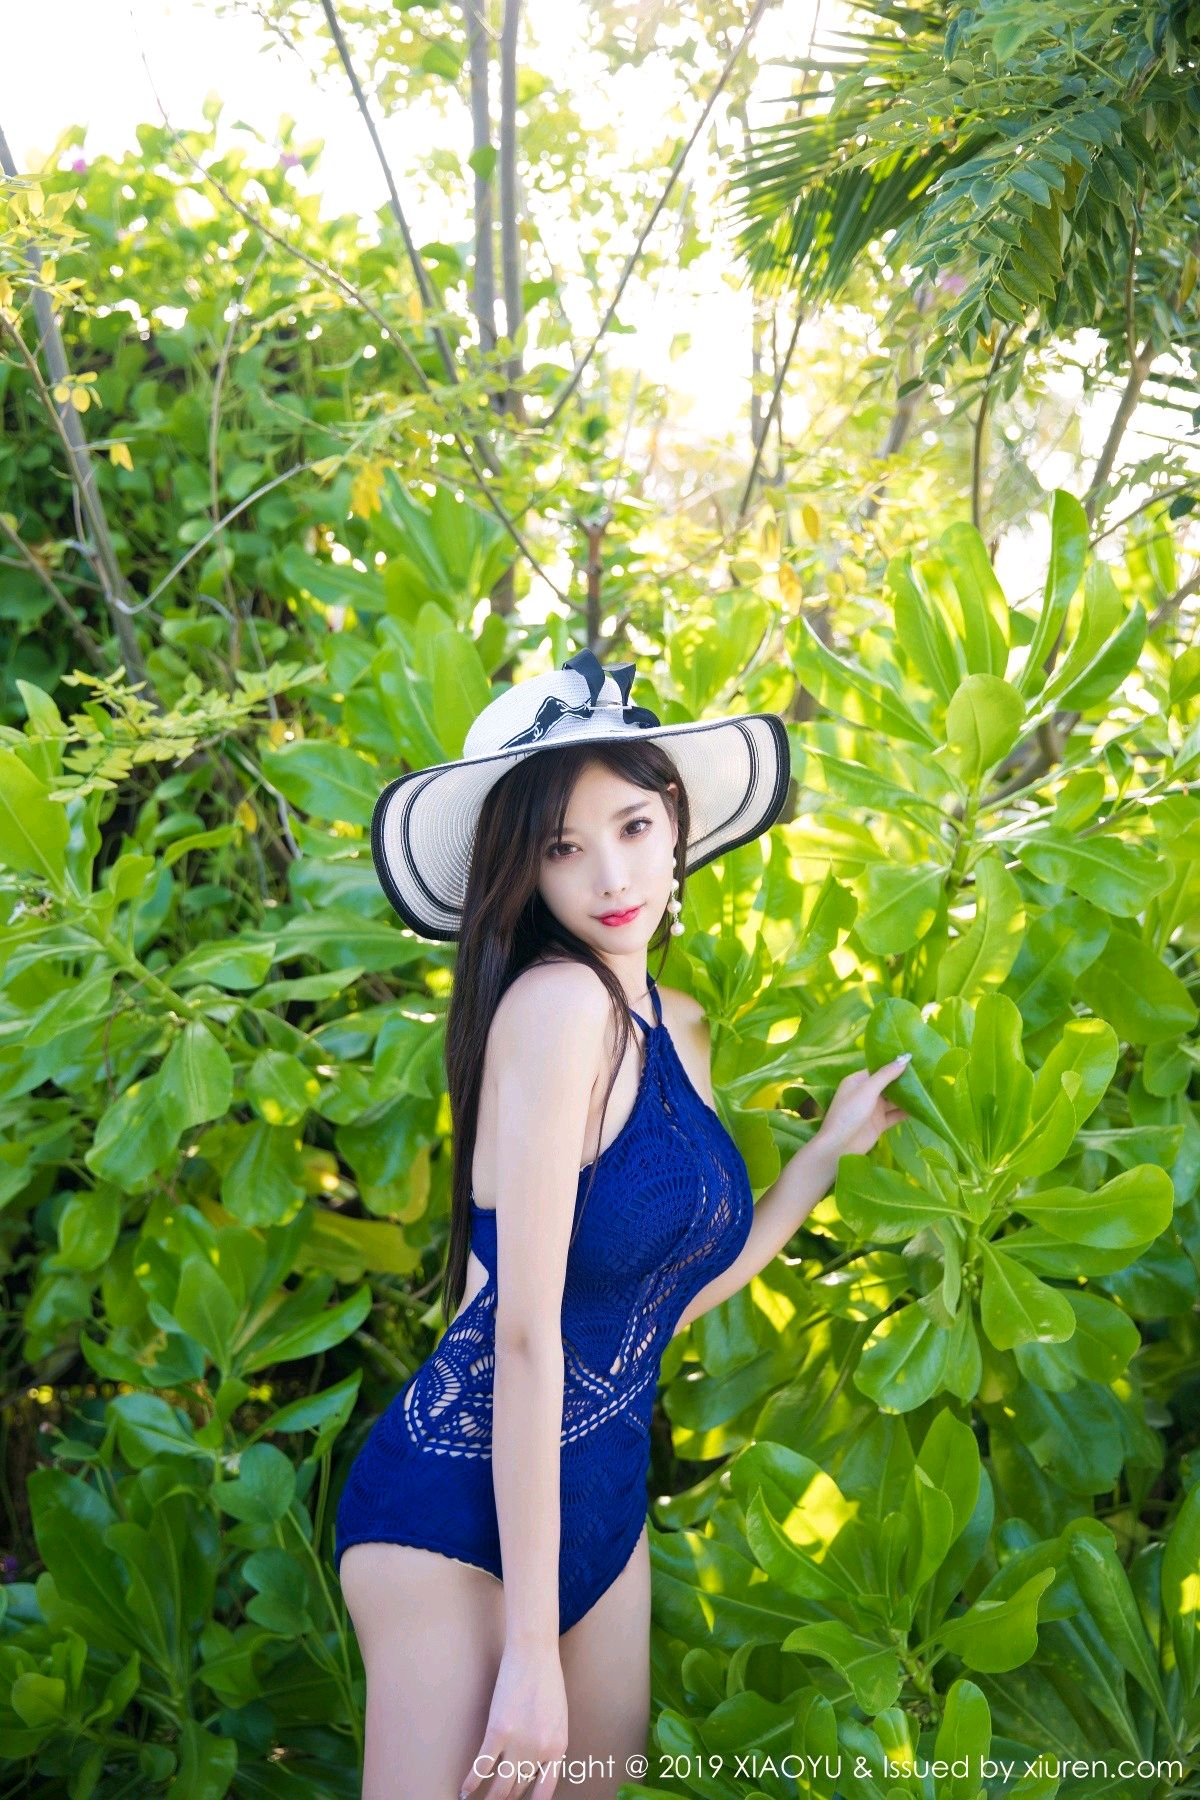 [XiaoYu] Vol.099 Yang Chen Chen 6P, Underwear, XiaoYu, Yang Chen Chen